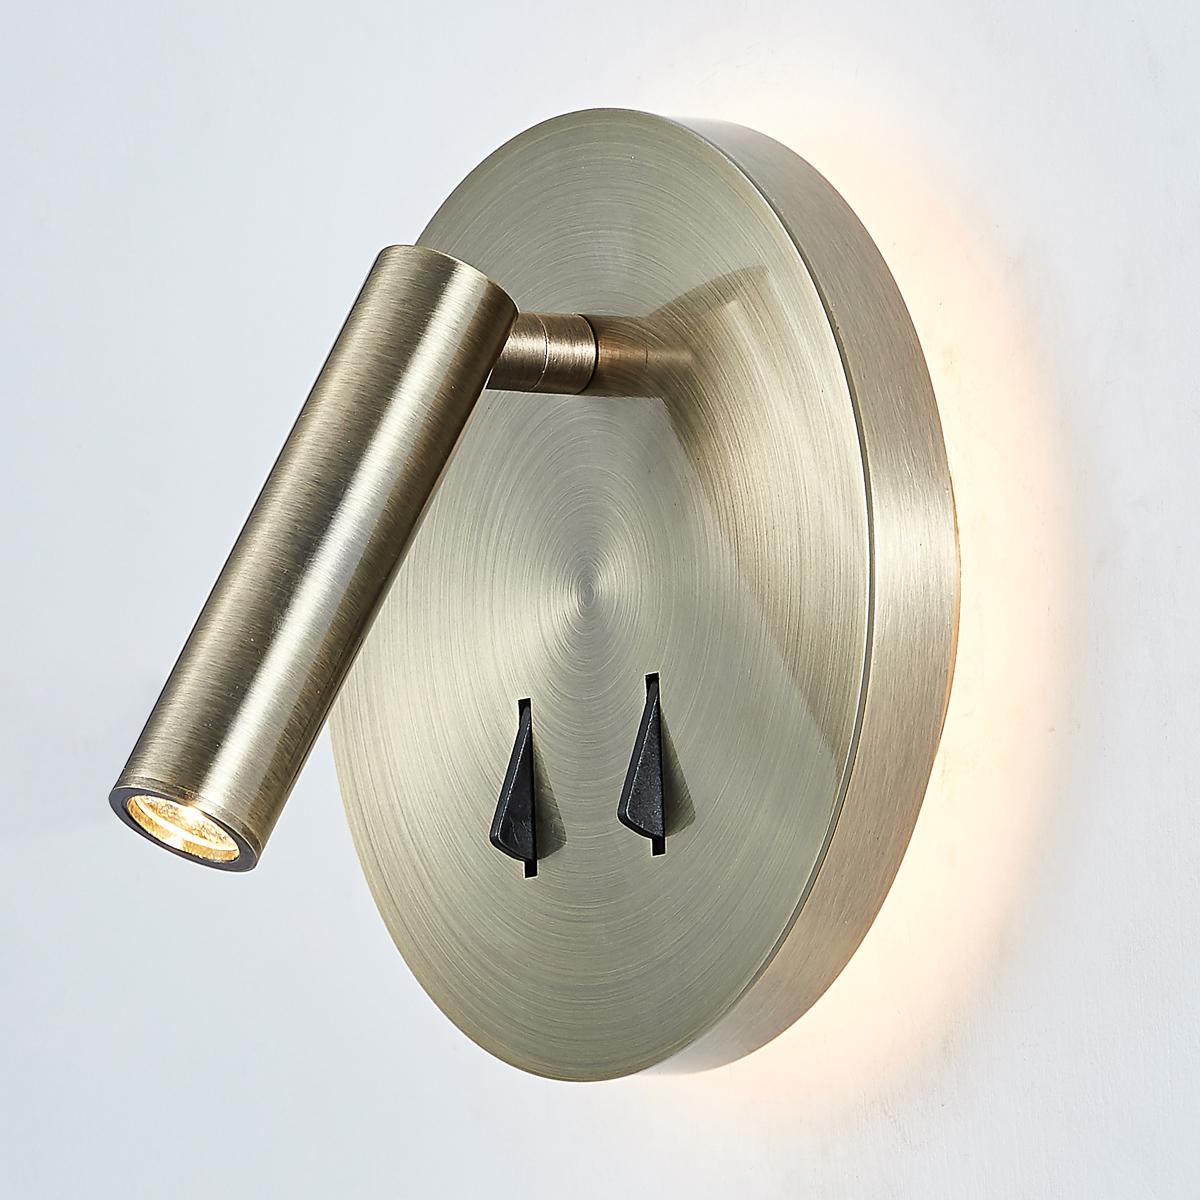 SP.7349-02B-ANT-B ITALUX Nelly moderní lampička 9W LED bílé světlo (3200K) IP20